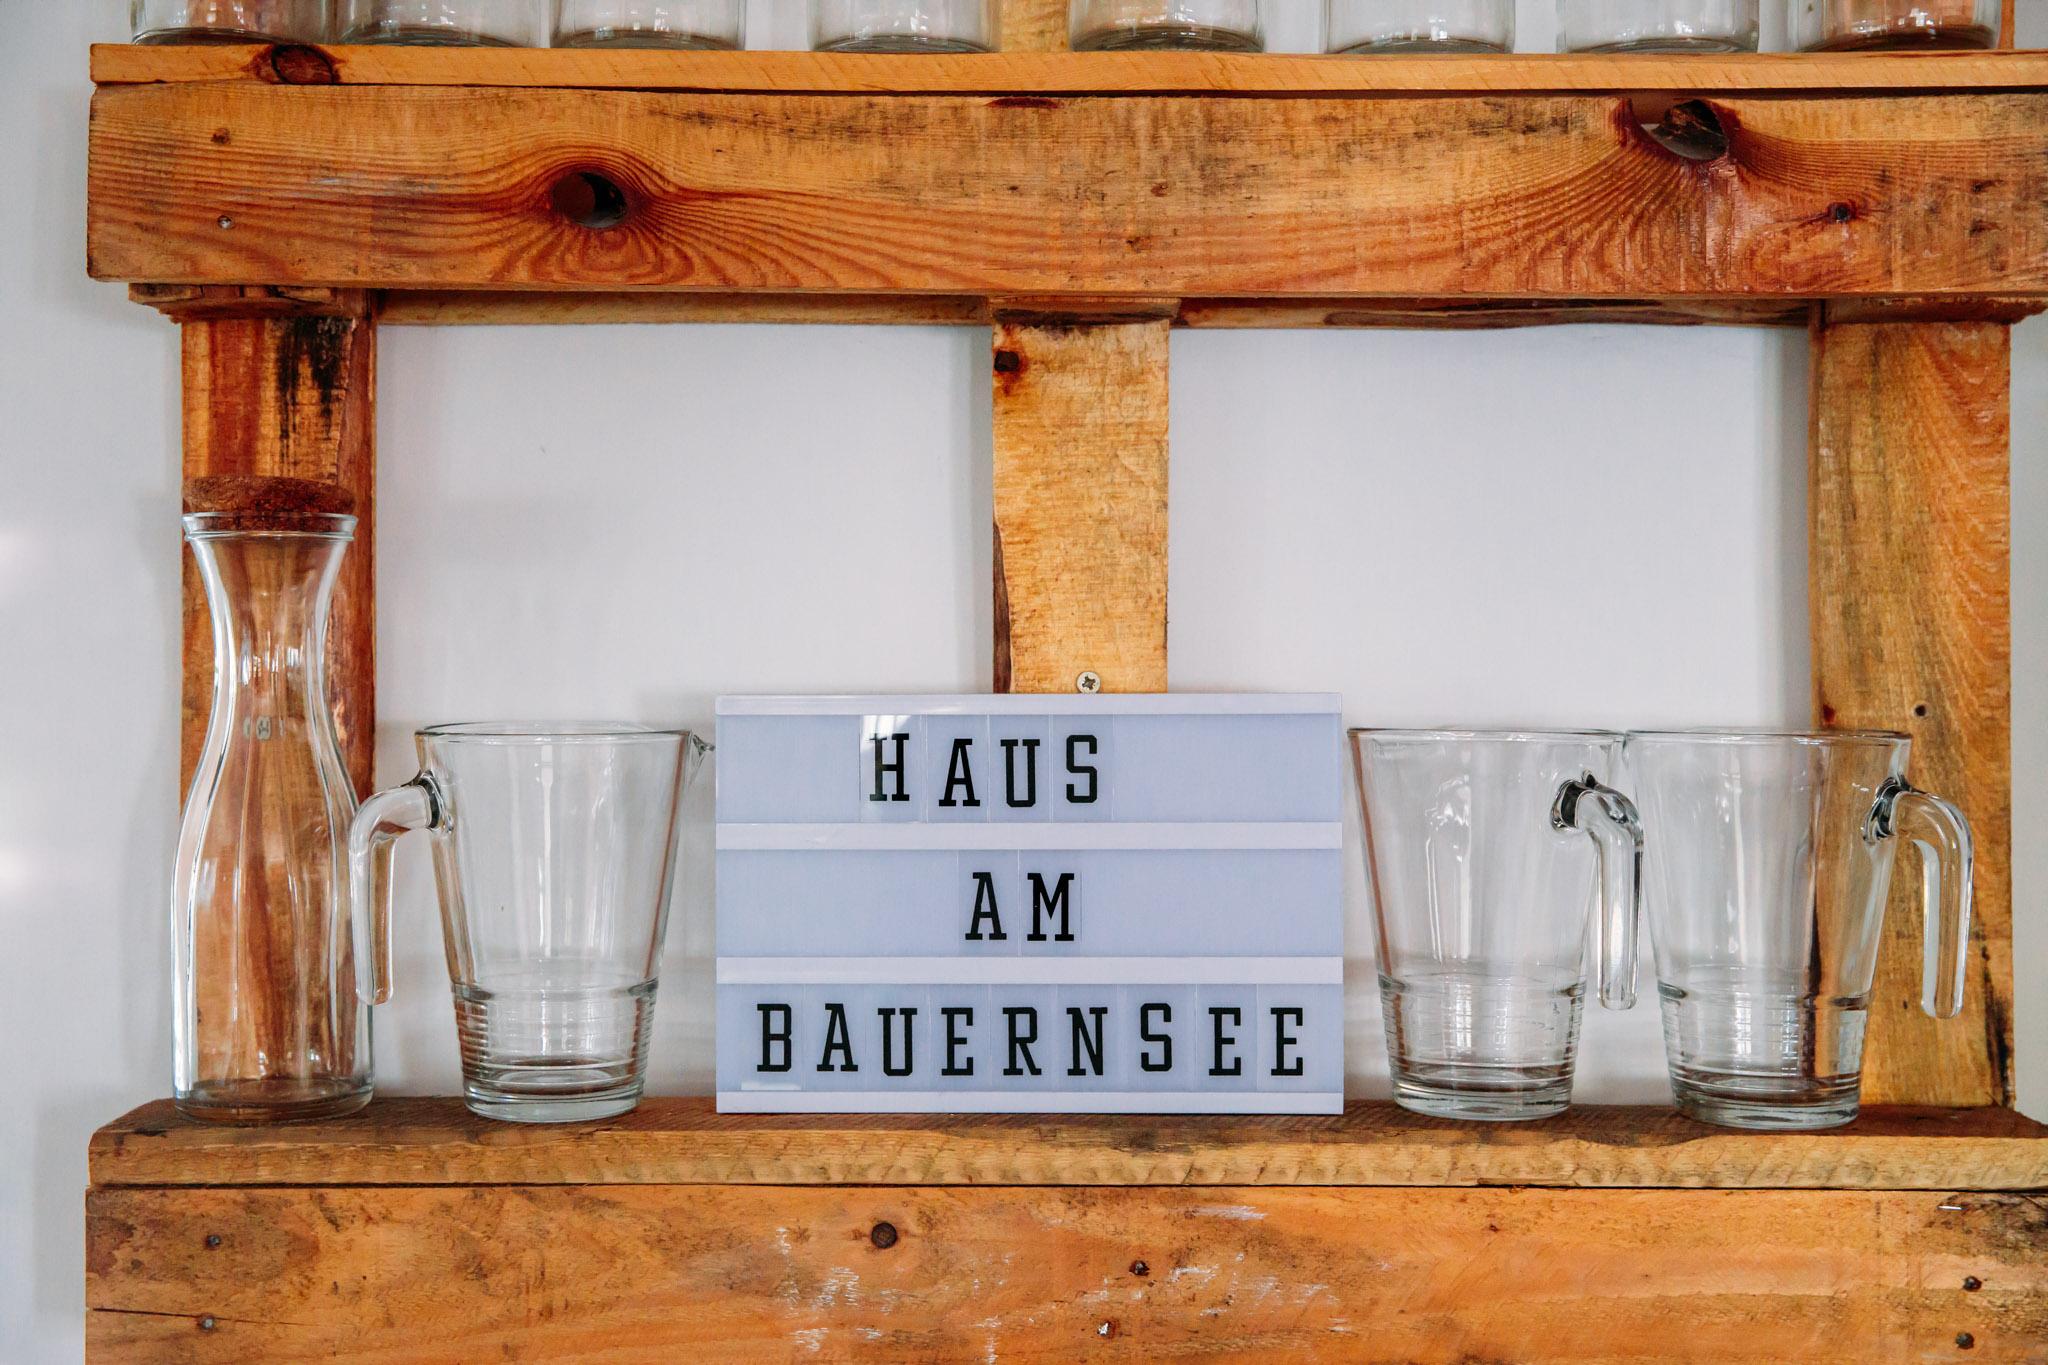 180616_Hochzeit_Haus_am_Bauernsee_Scheune_web_0002.jpg